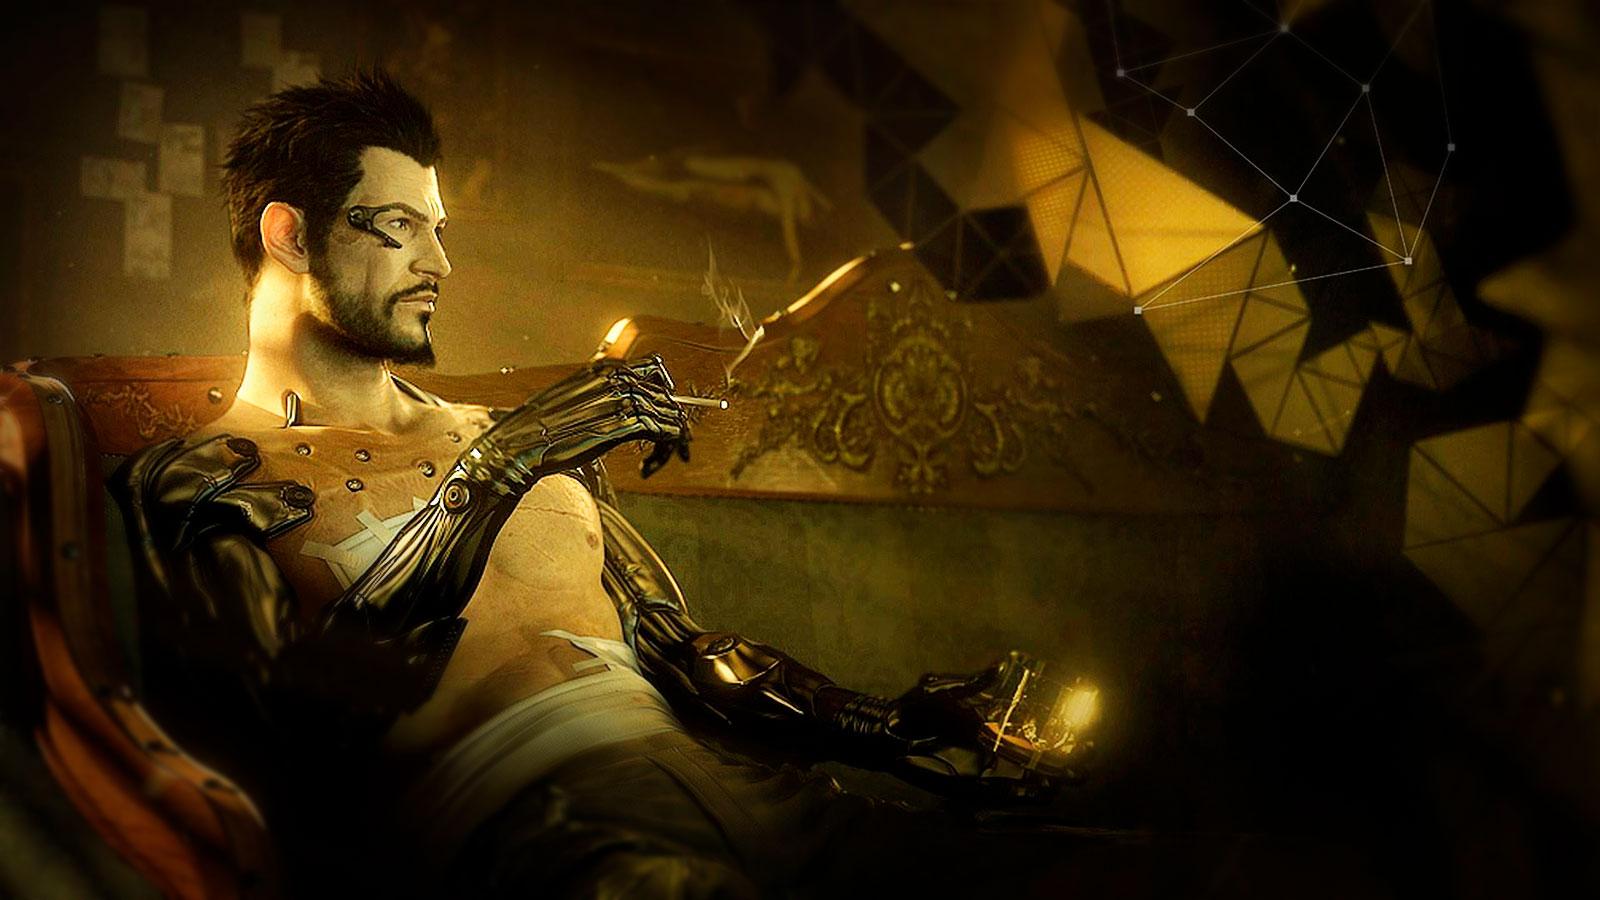 Deus Ex импланты и будущее